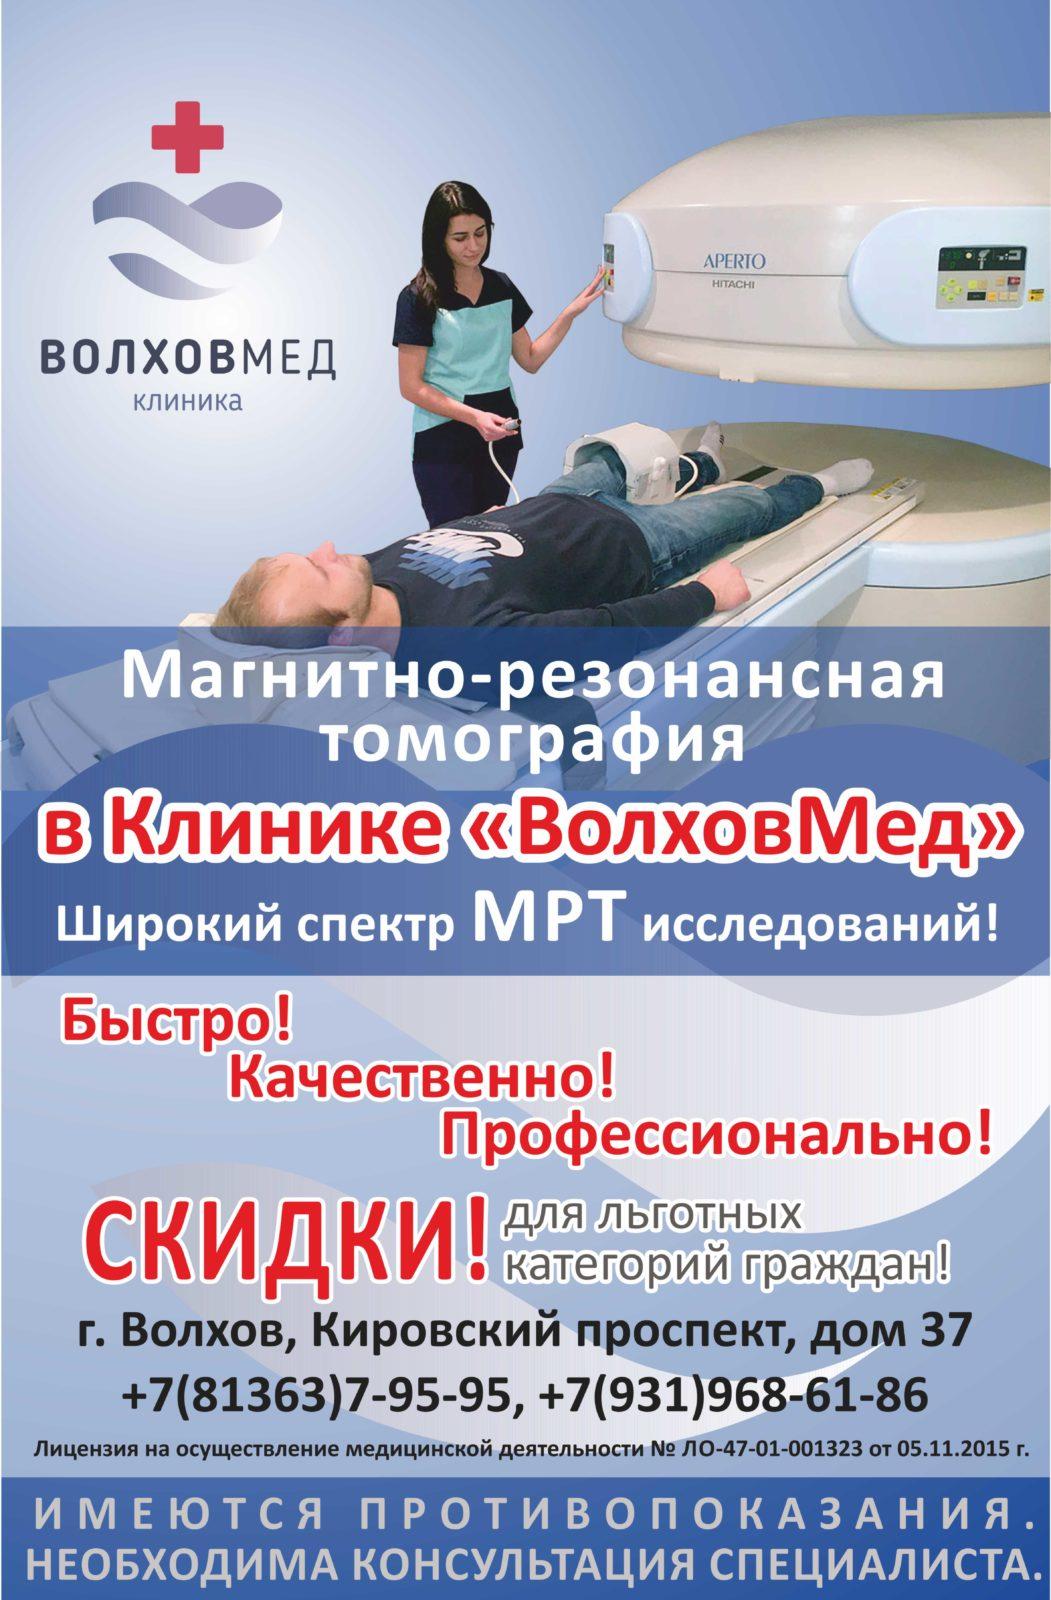 МРТ в Волхове